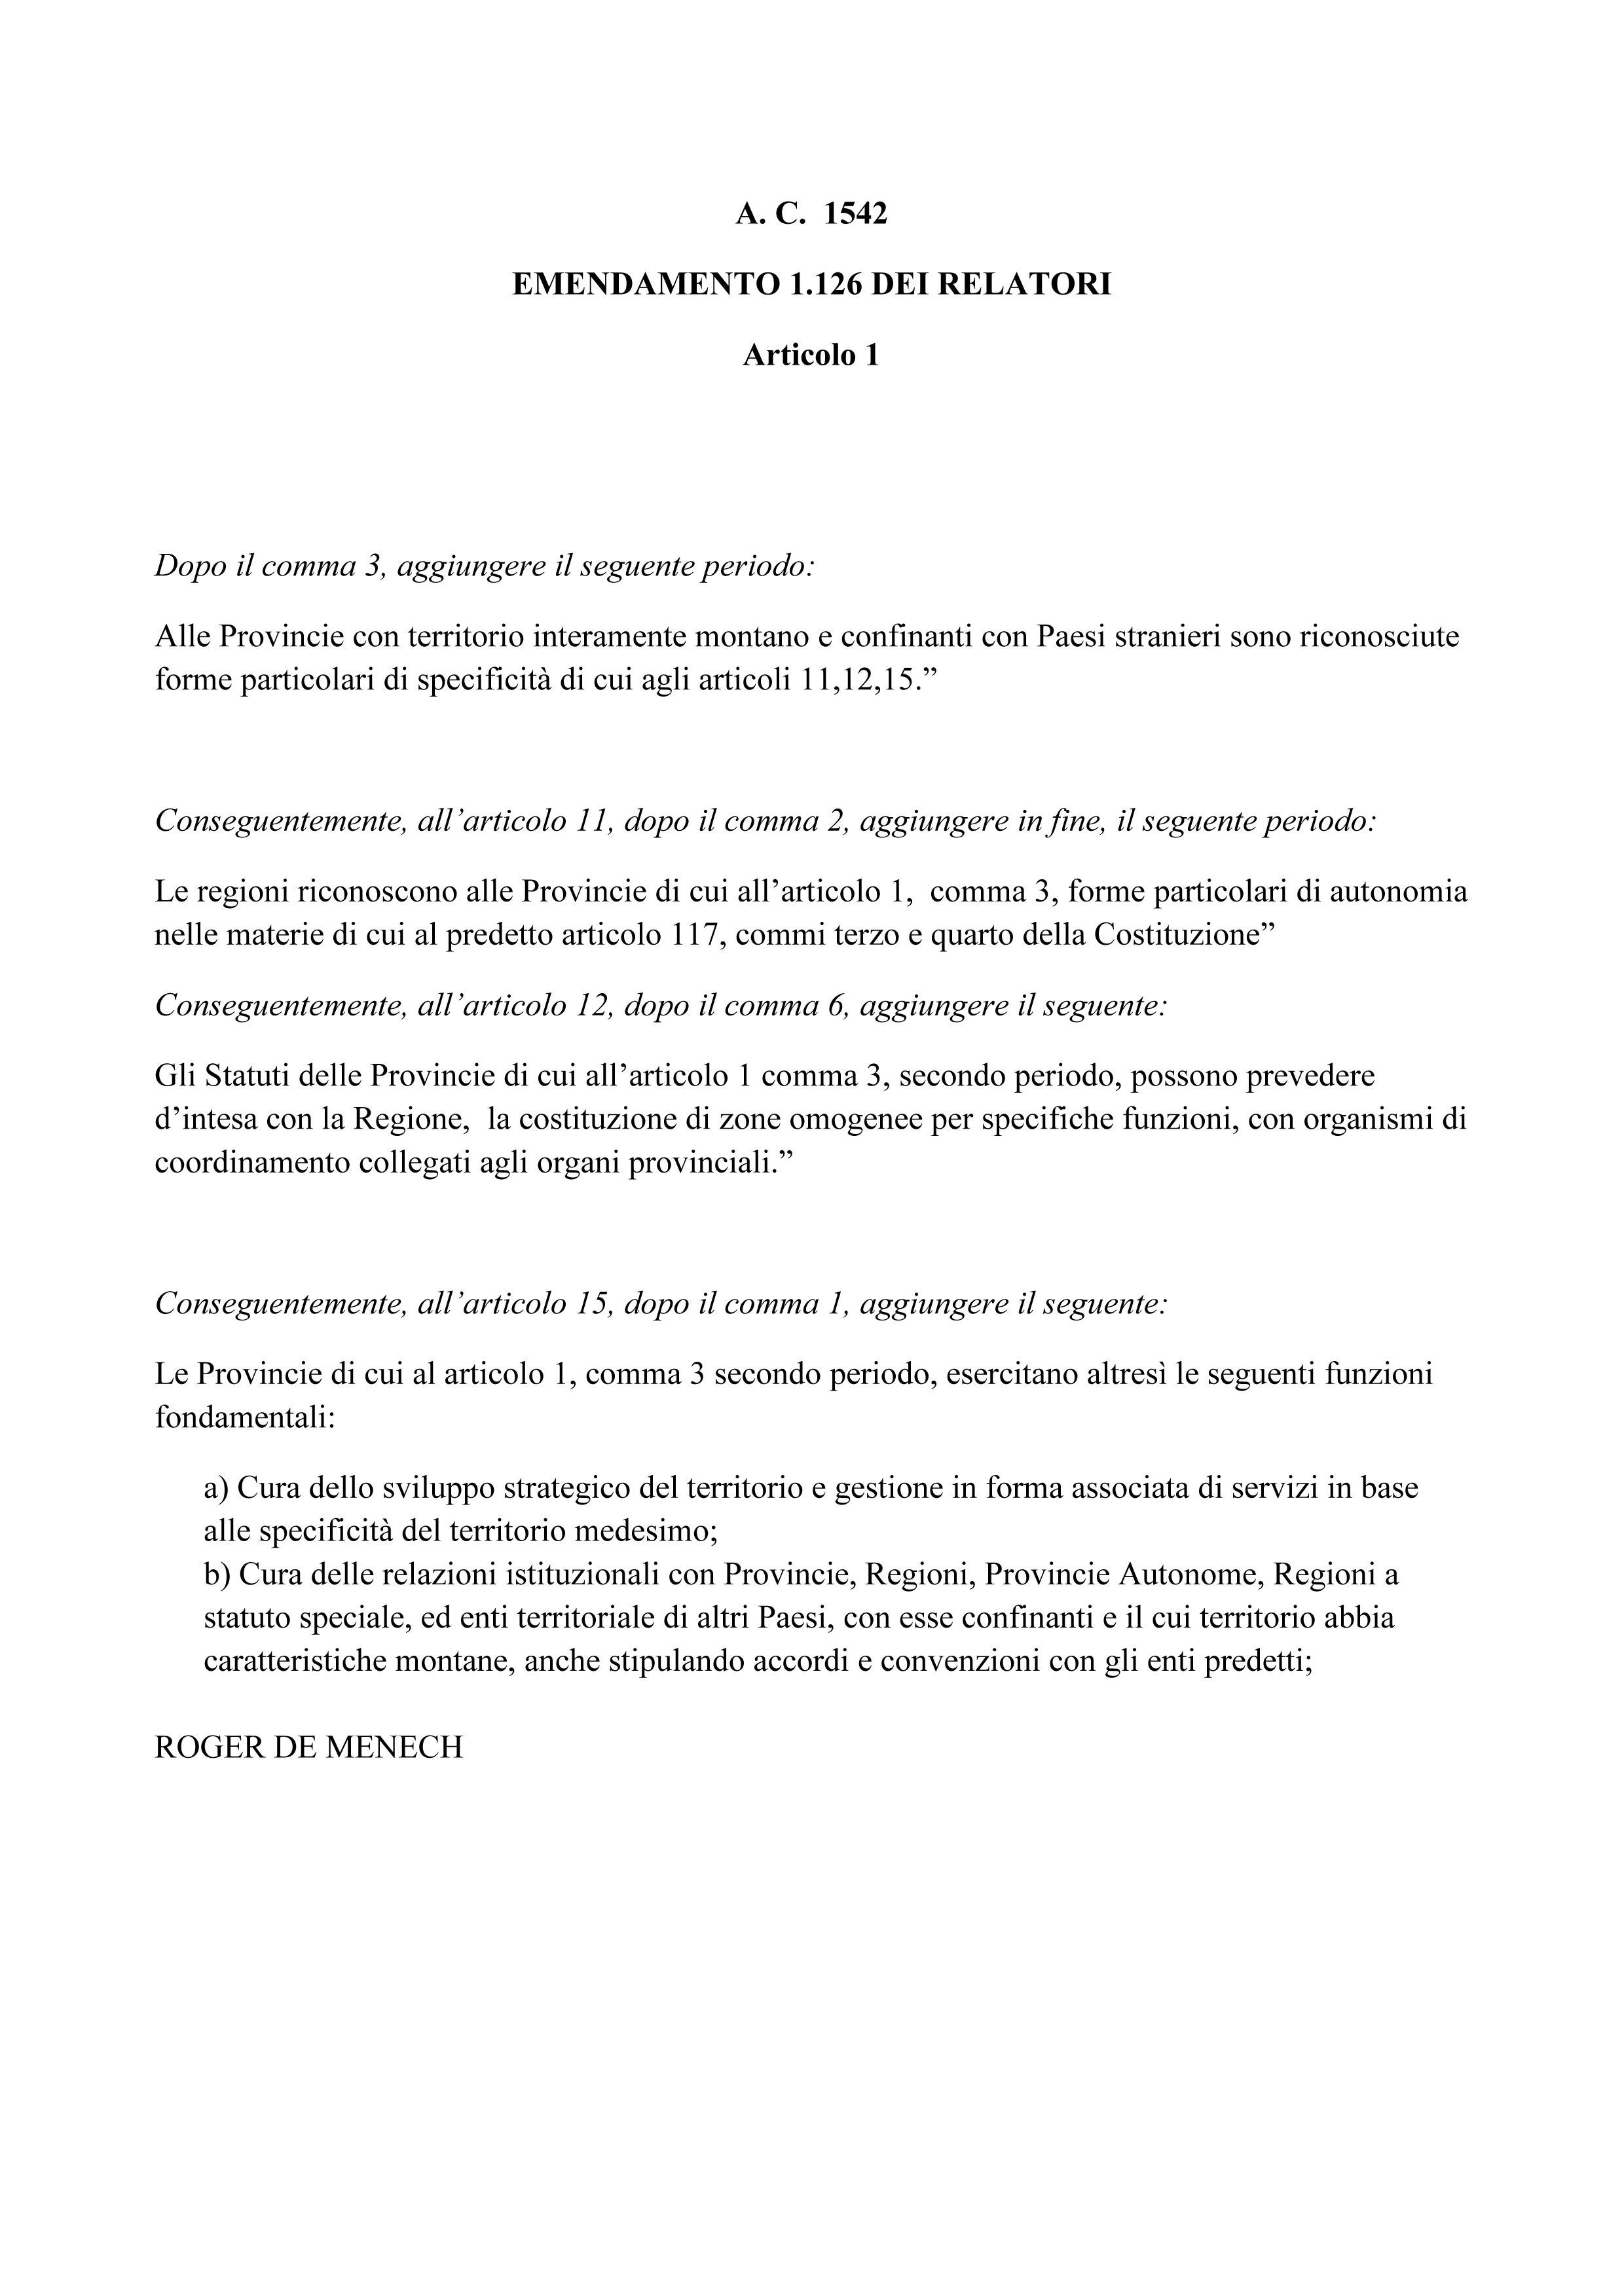 Emendamento-APPROVATO in Commissione: provincie montane